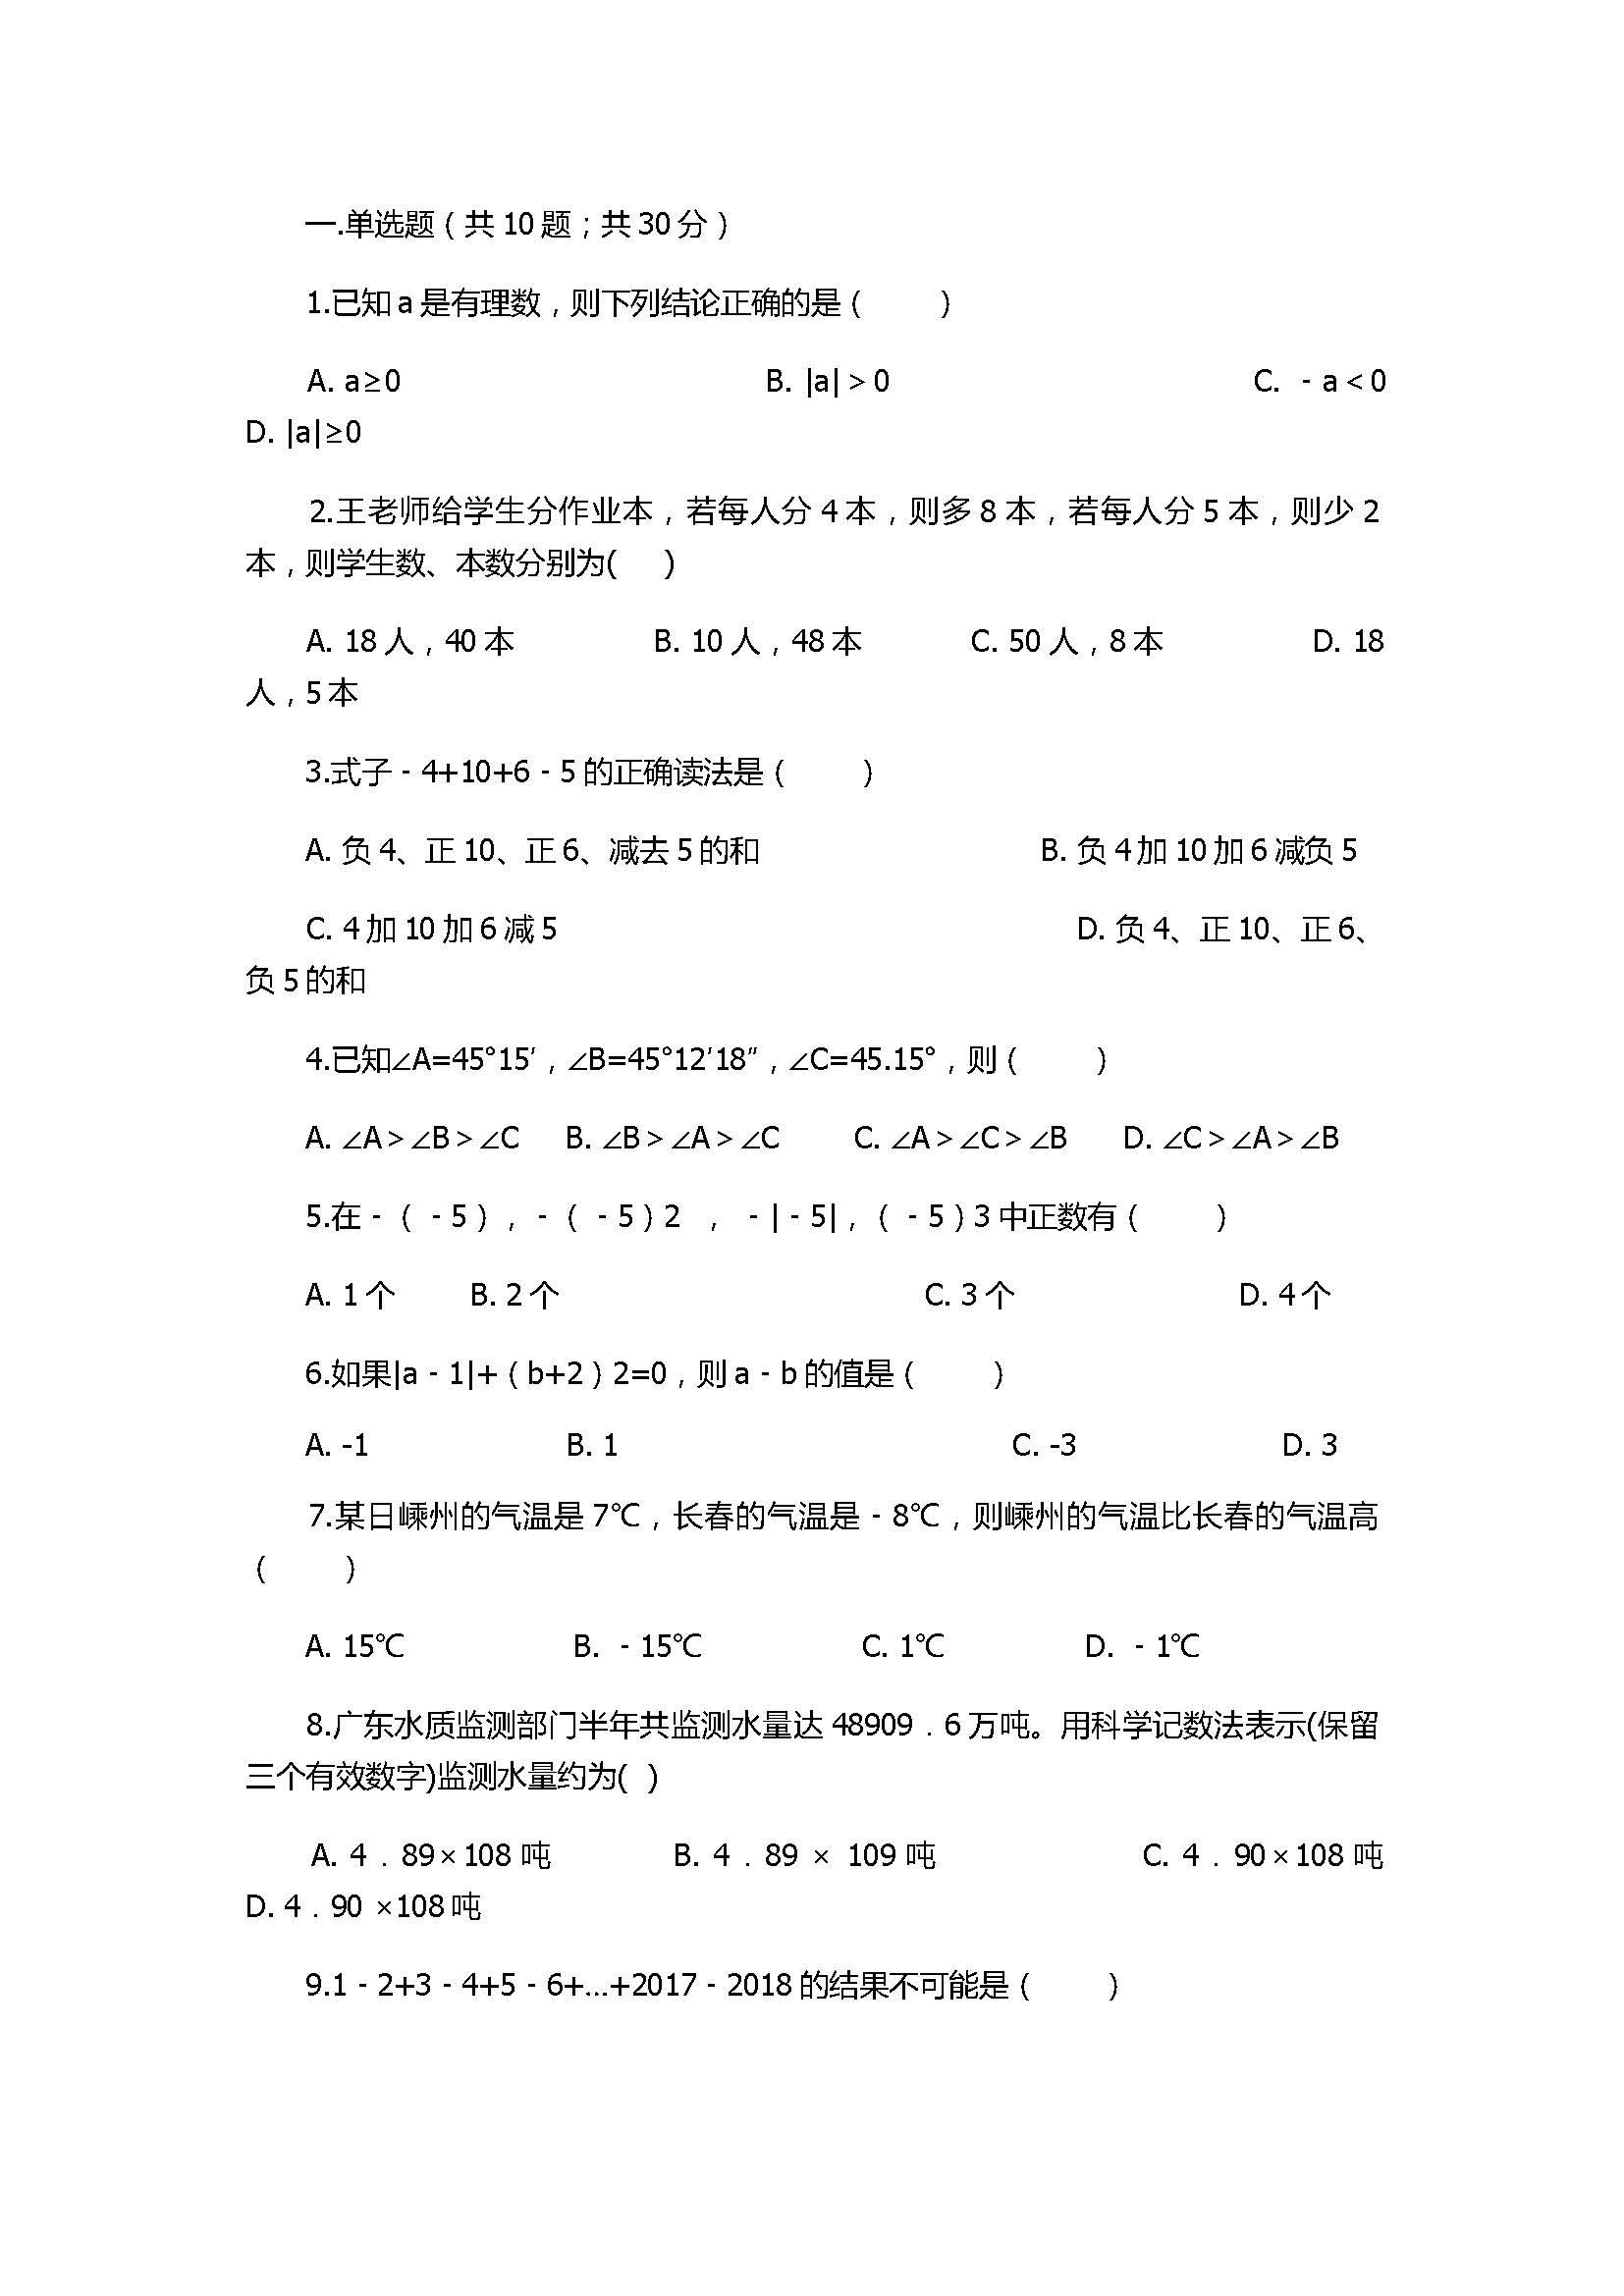 2018七年级上册数学期末模拟试卷含答案及解析(长沙市宁乡县)